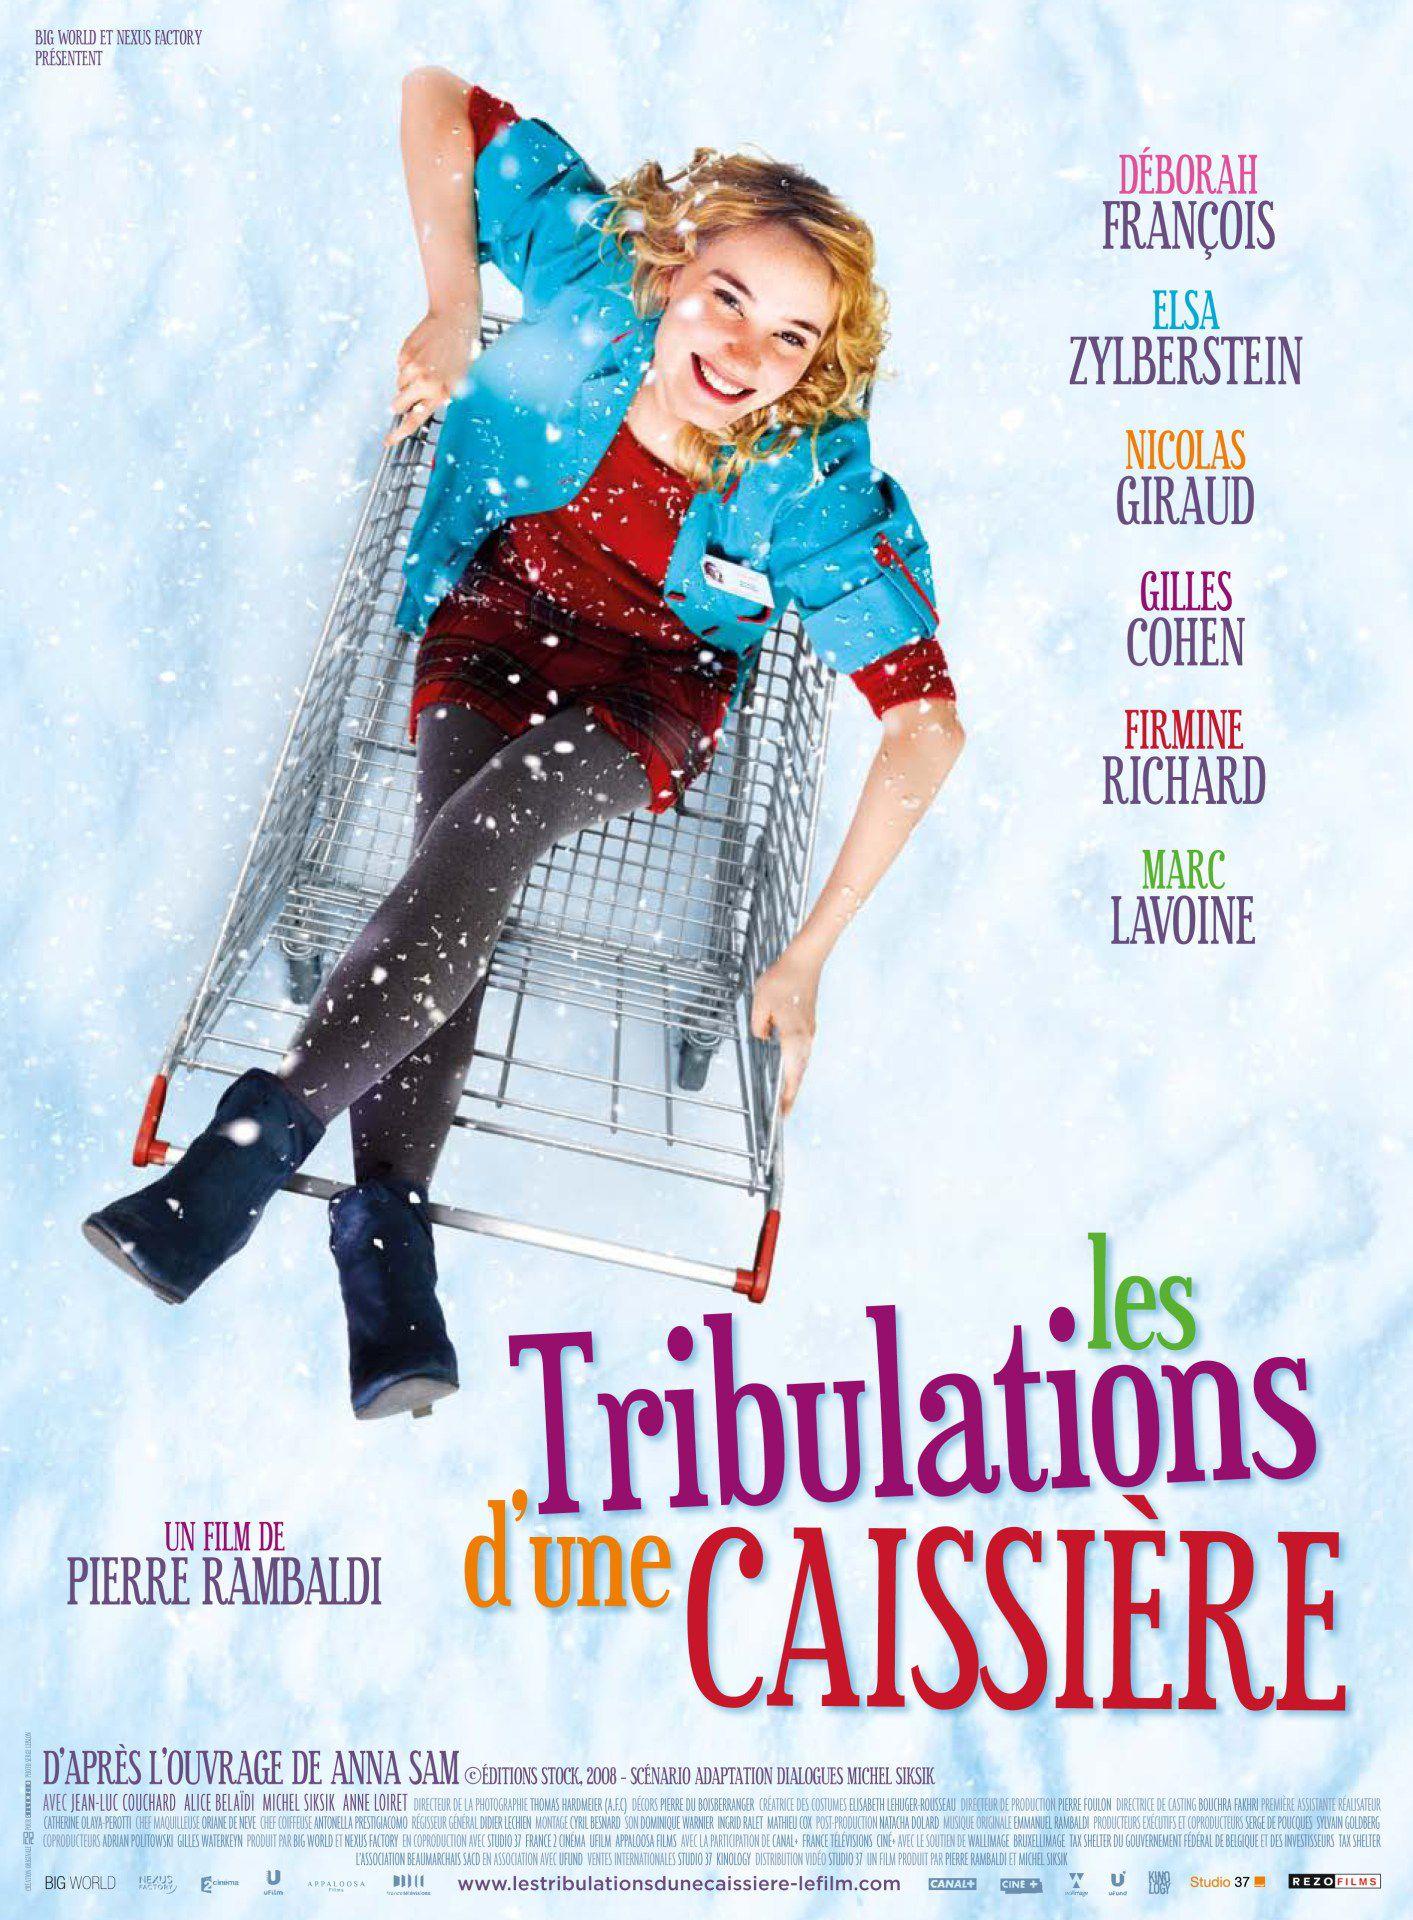 Les Tribulations d'une caissière - Film (2011)